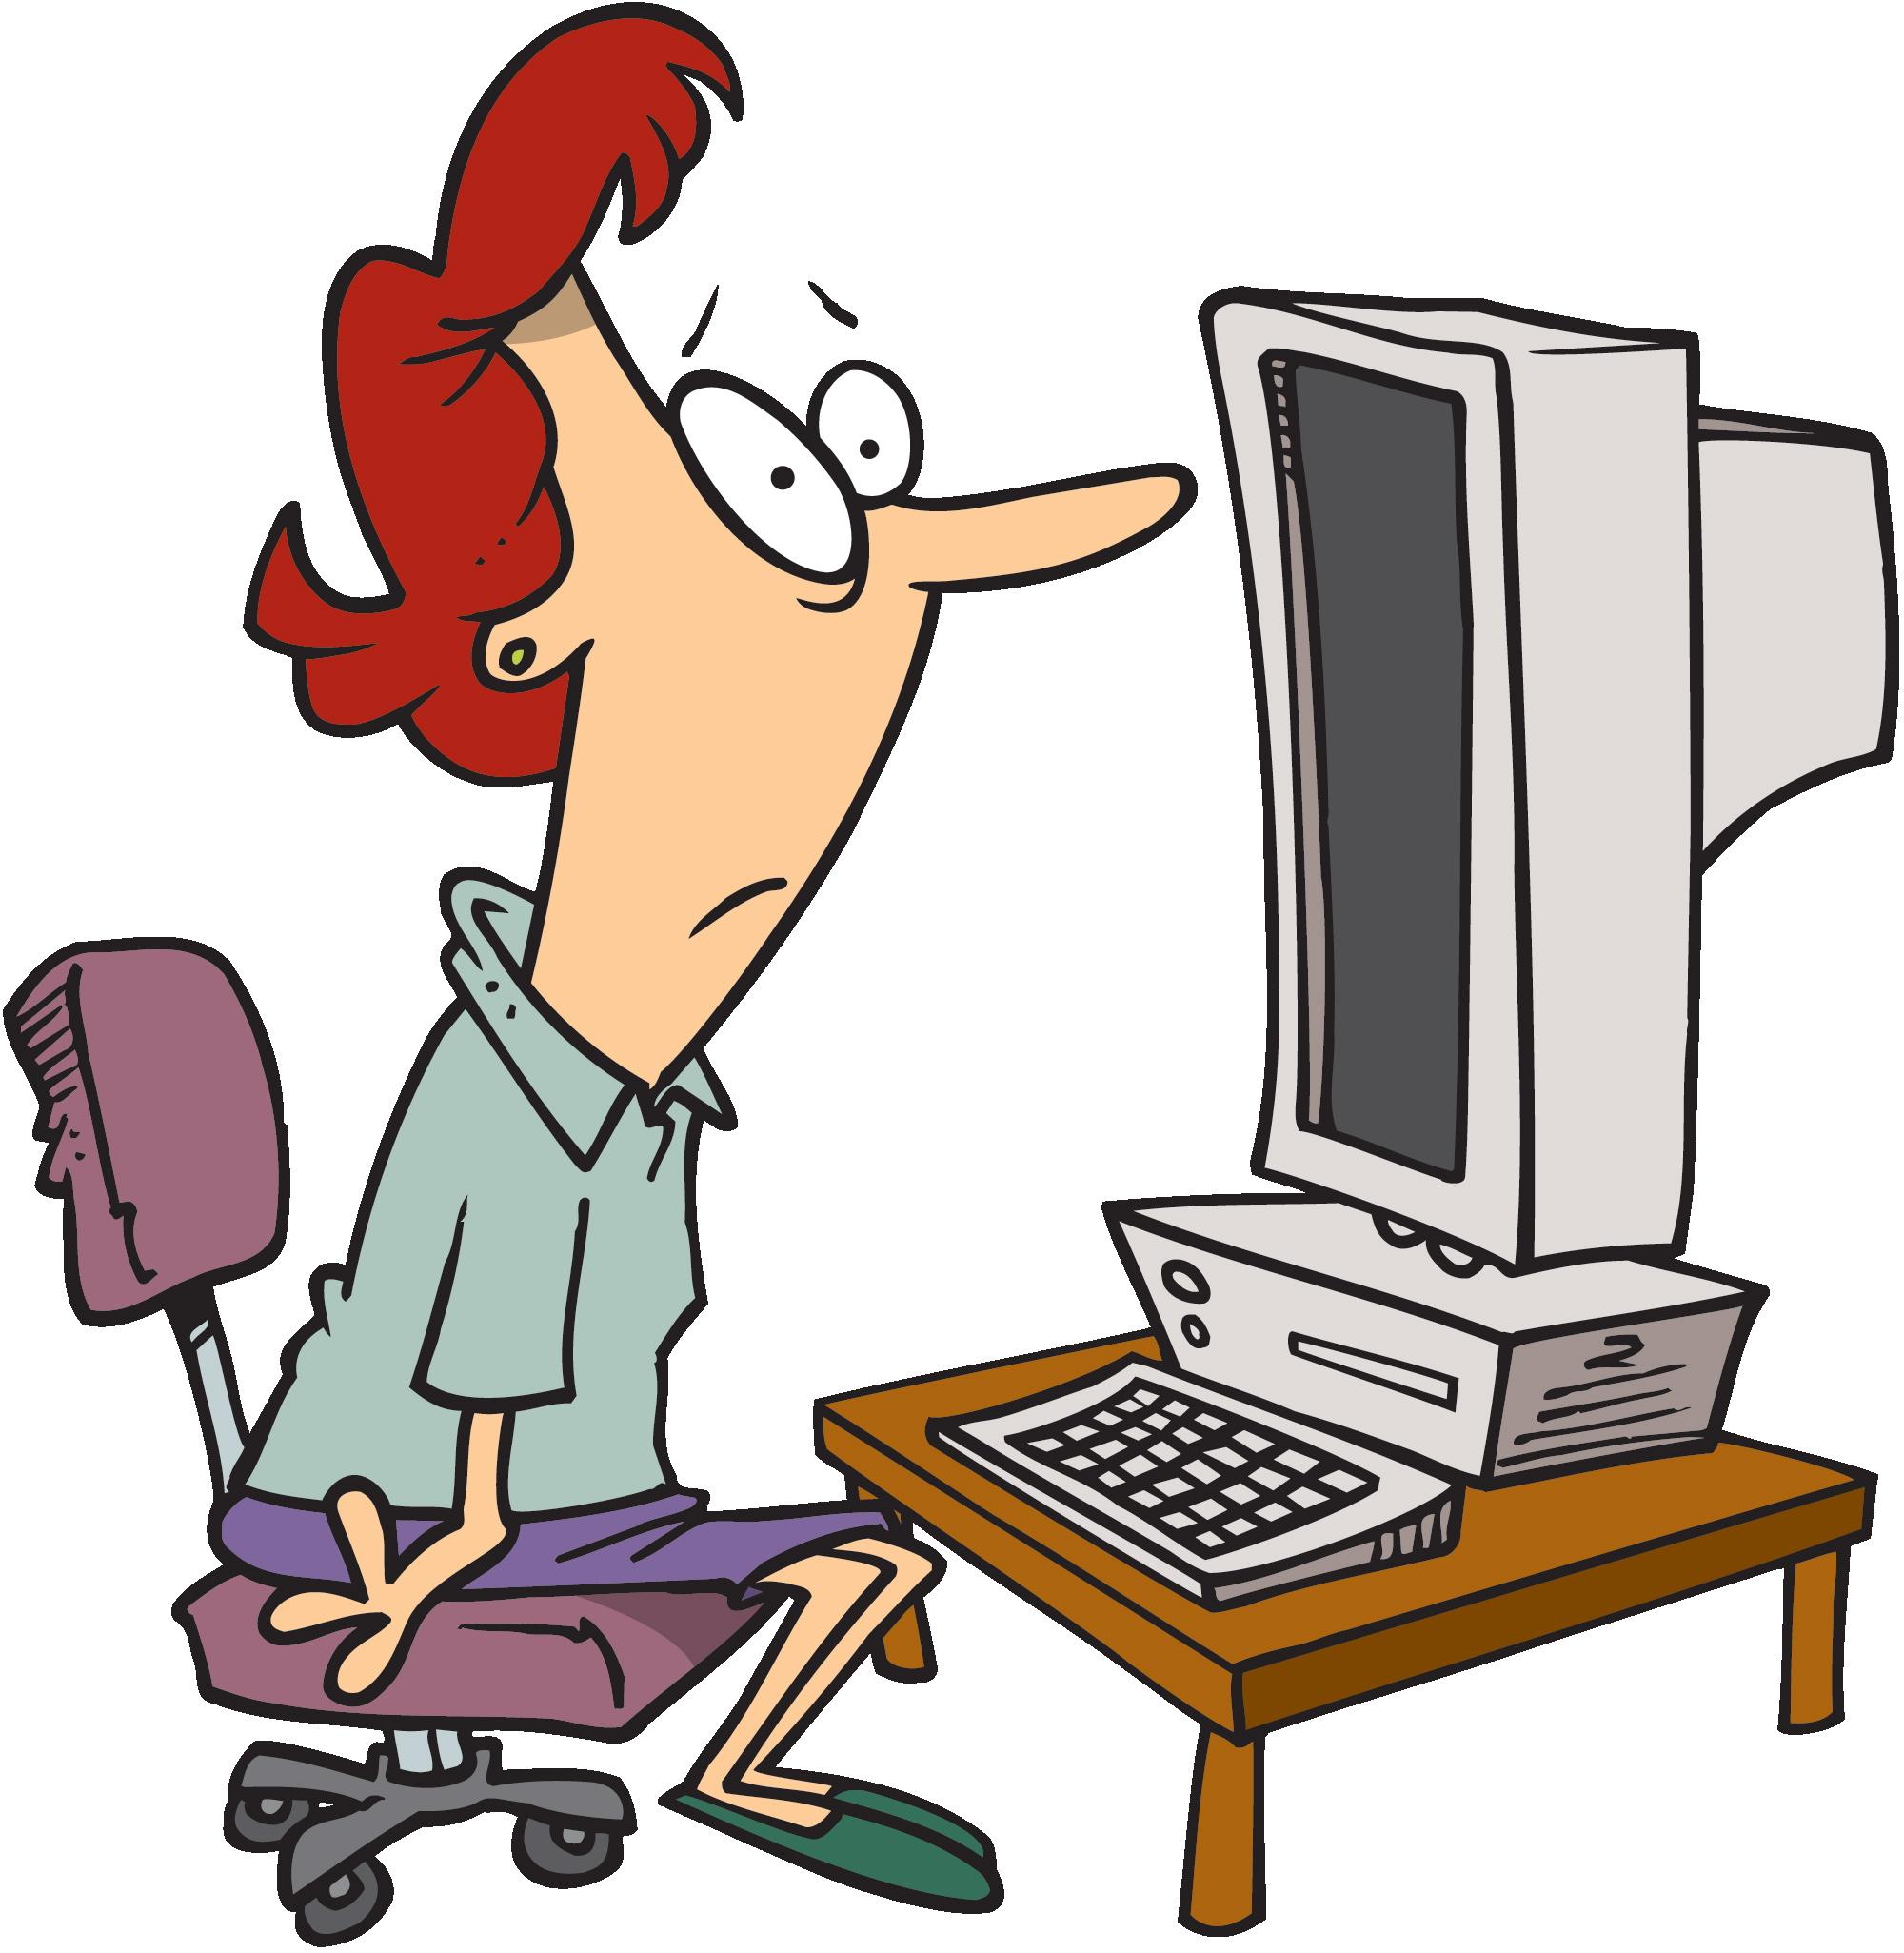 Cartoon Person At Computer Drawing Free Image